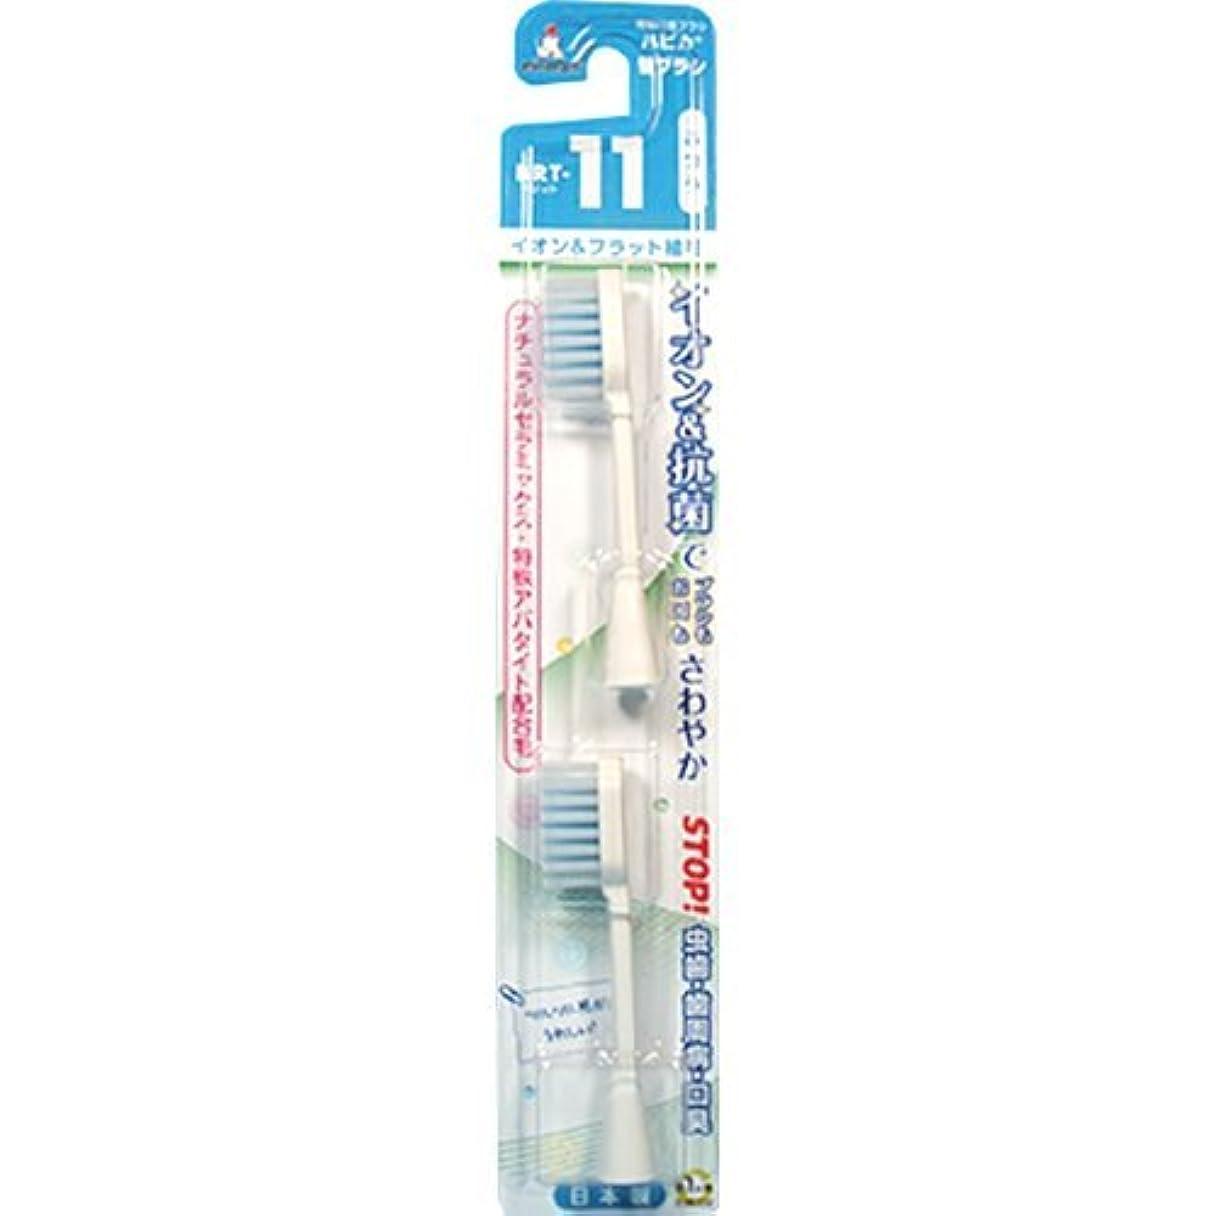 冷凍庫茎ドナーミニマム 電動付歯ブラシ ハピカ 専用替ブラシ イオン+フラット植毛 毛の硬さ:ふつう BRT-11 2個入